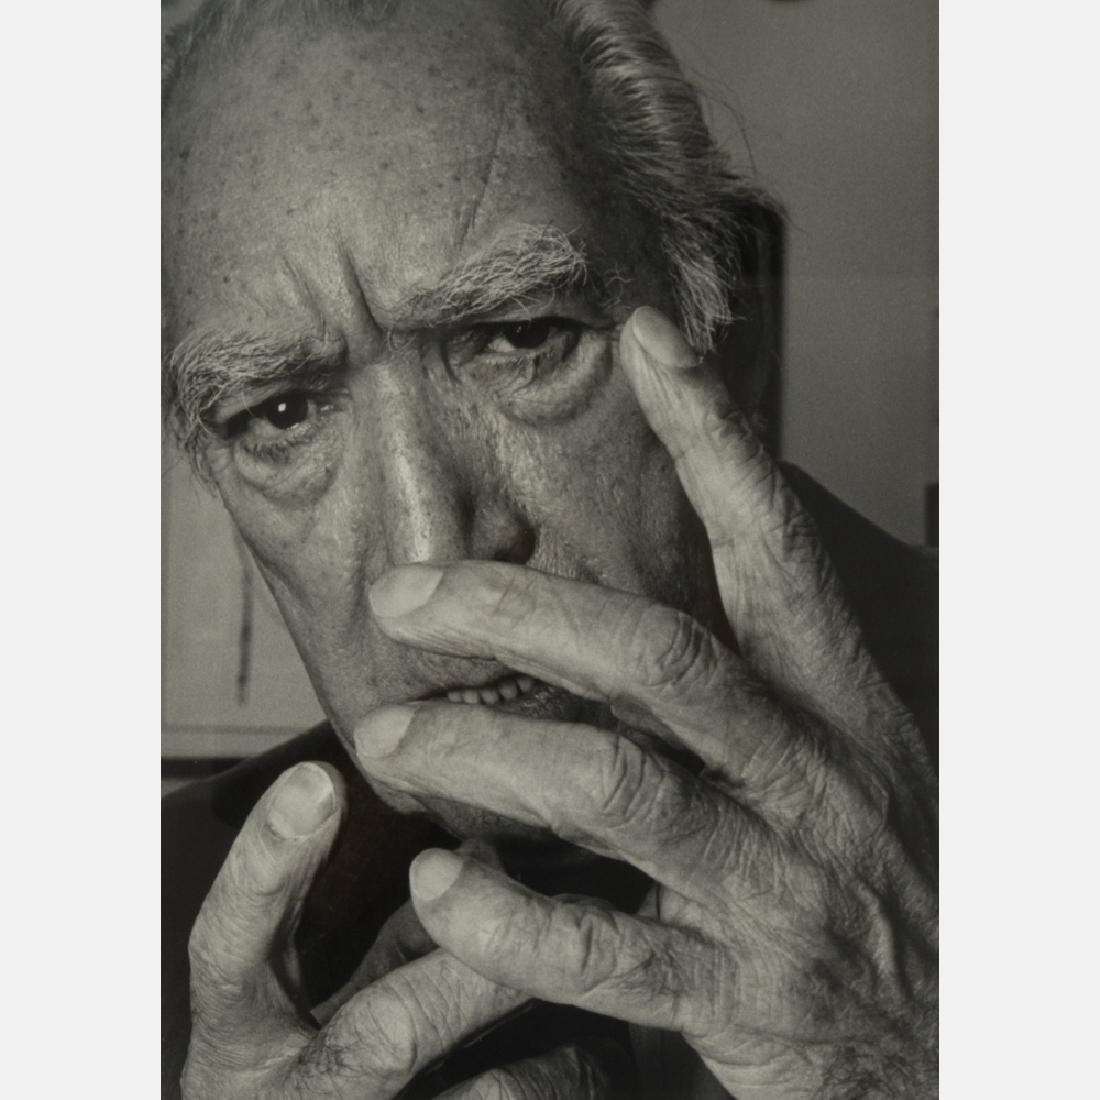 Abe Frajndlich (b. 1946) Anthony Quinn, NYC, 6/18/95,